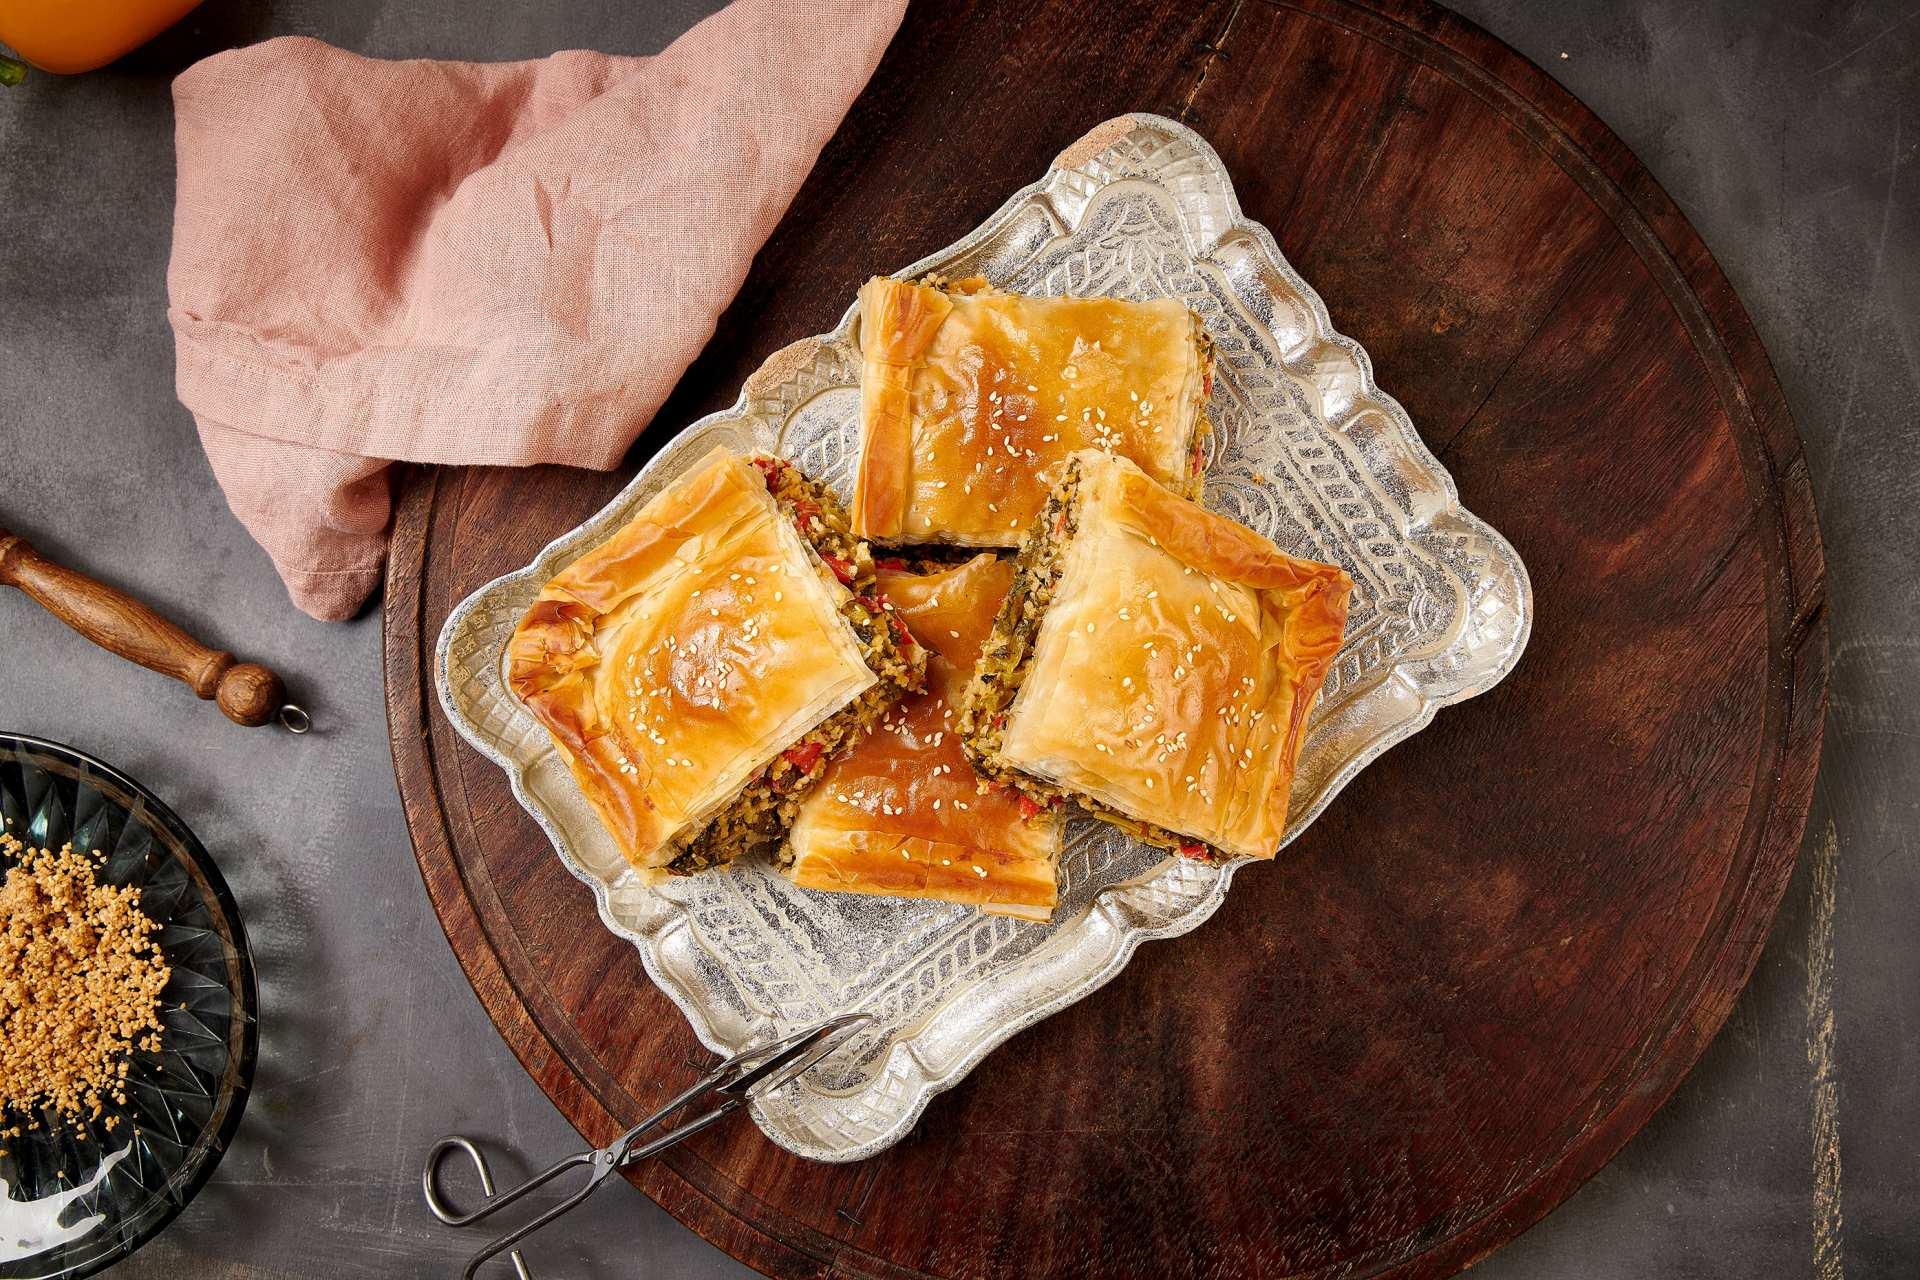 Νηστίσιμη Πίτα με πολύχρωμα Λαχανικά και Τραχανά με Φύλλο Κρούστας Χρυσή Ζύμη